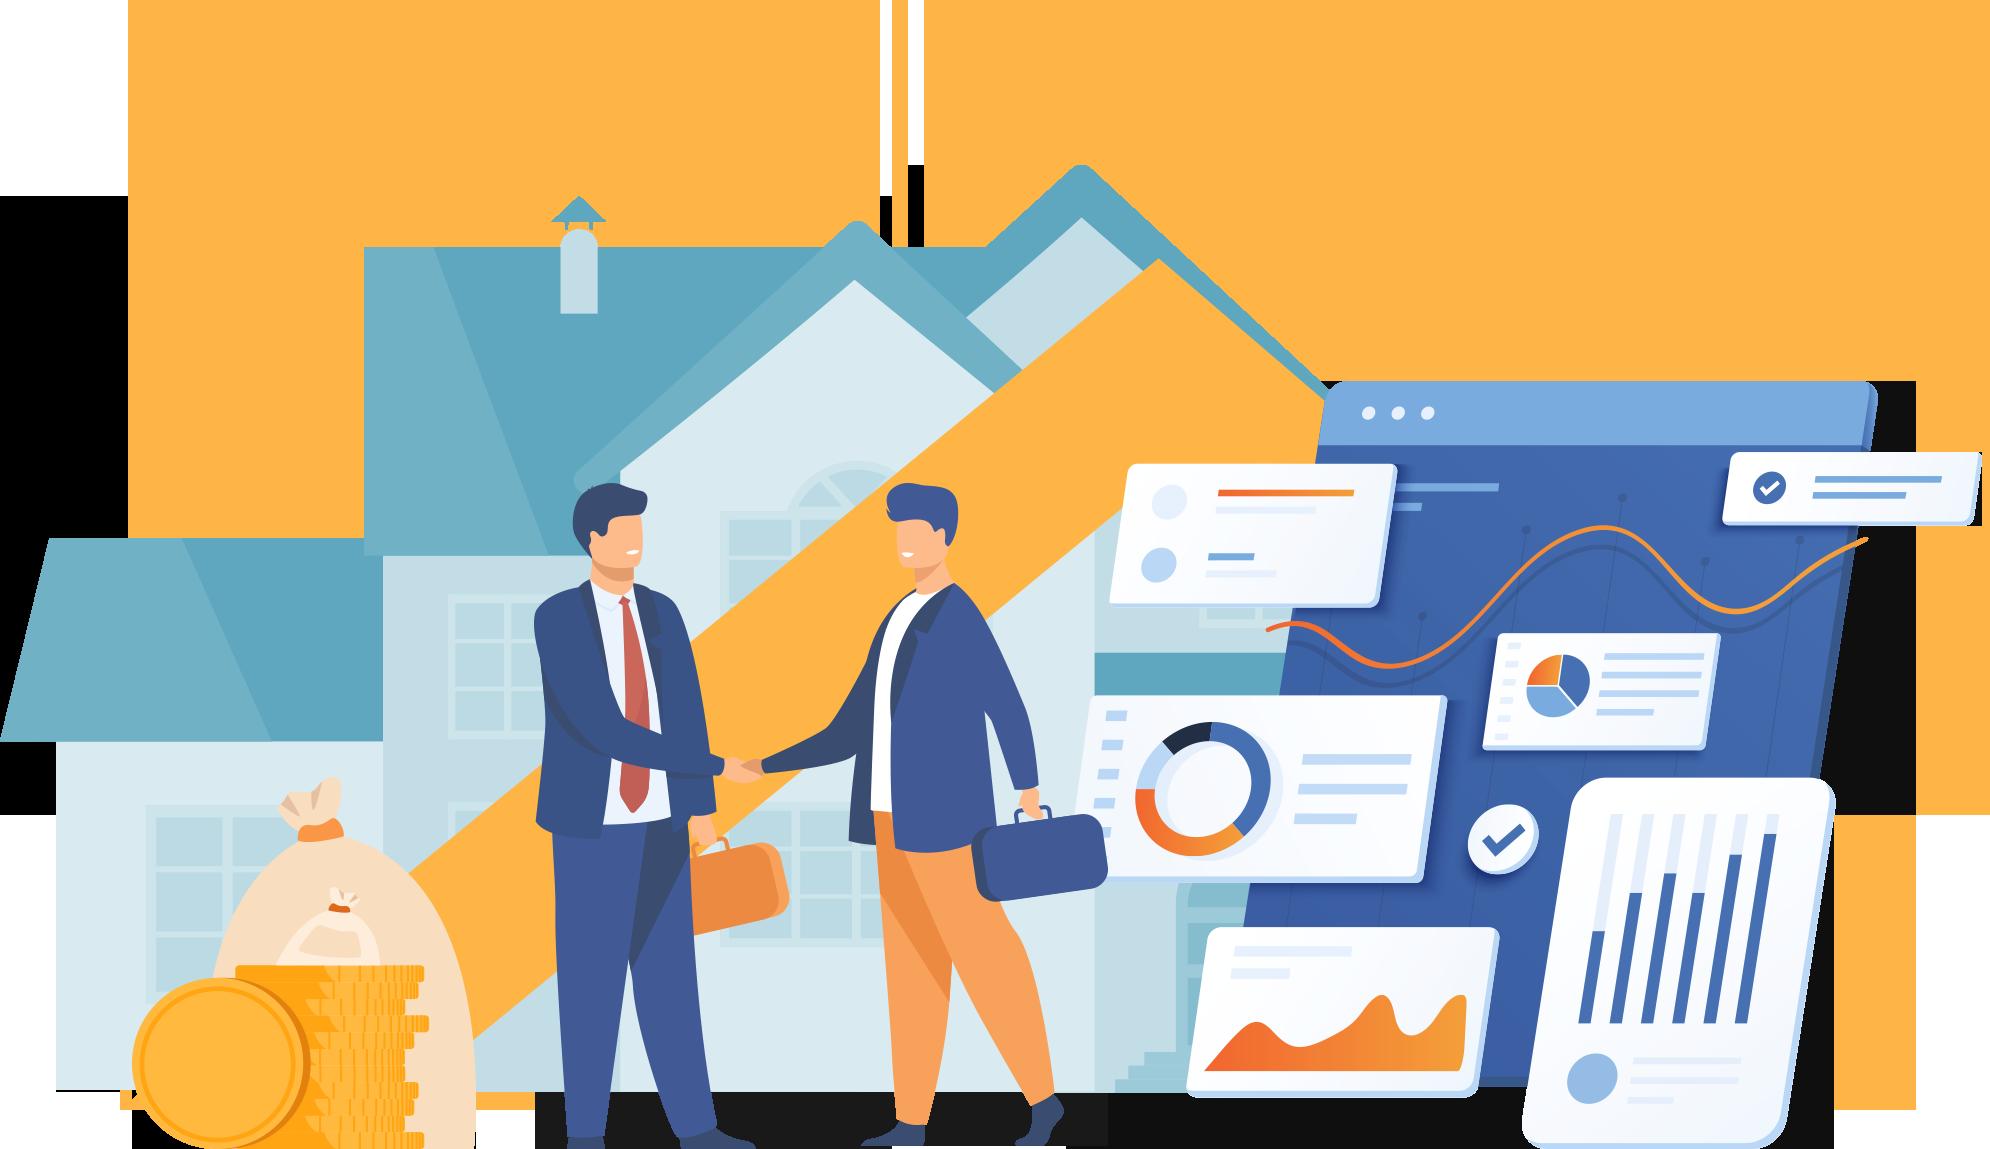 住宅ローン借り換え業務代行サービステクノロジーの力で営業利益を最大化